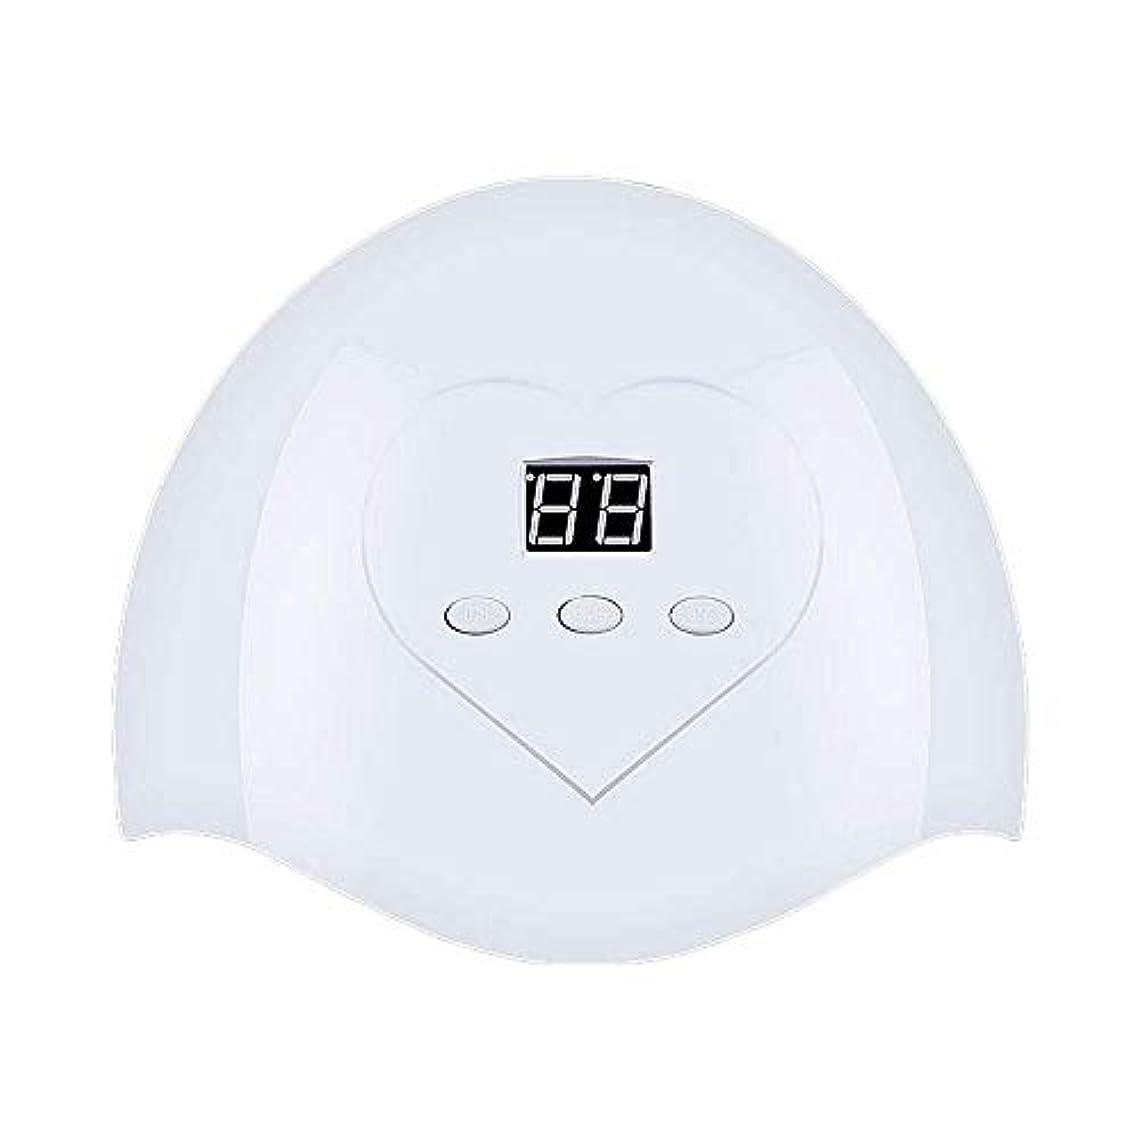 縁石突然の黙DHINGM ネイルランプ、高速、非常にエネルギー効率と耐久性のある快適な非UVホワイトライト、いいえ瞳傷害、36W、12 UV + LEDデュアルLED光源、インテリジェントオートセンシング(なしスイッチ)、